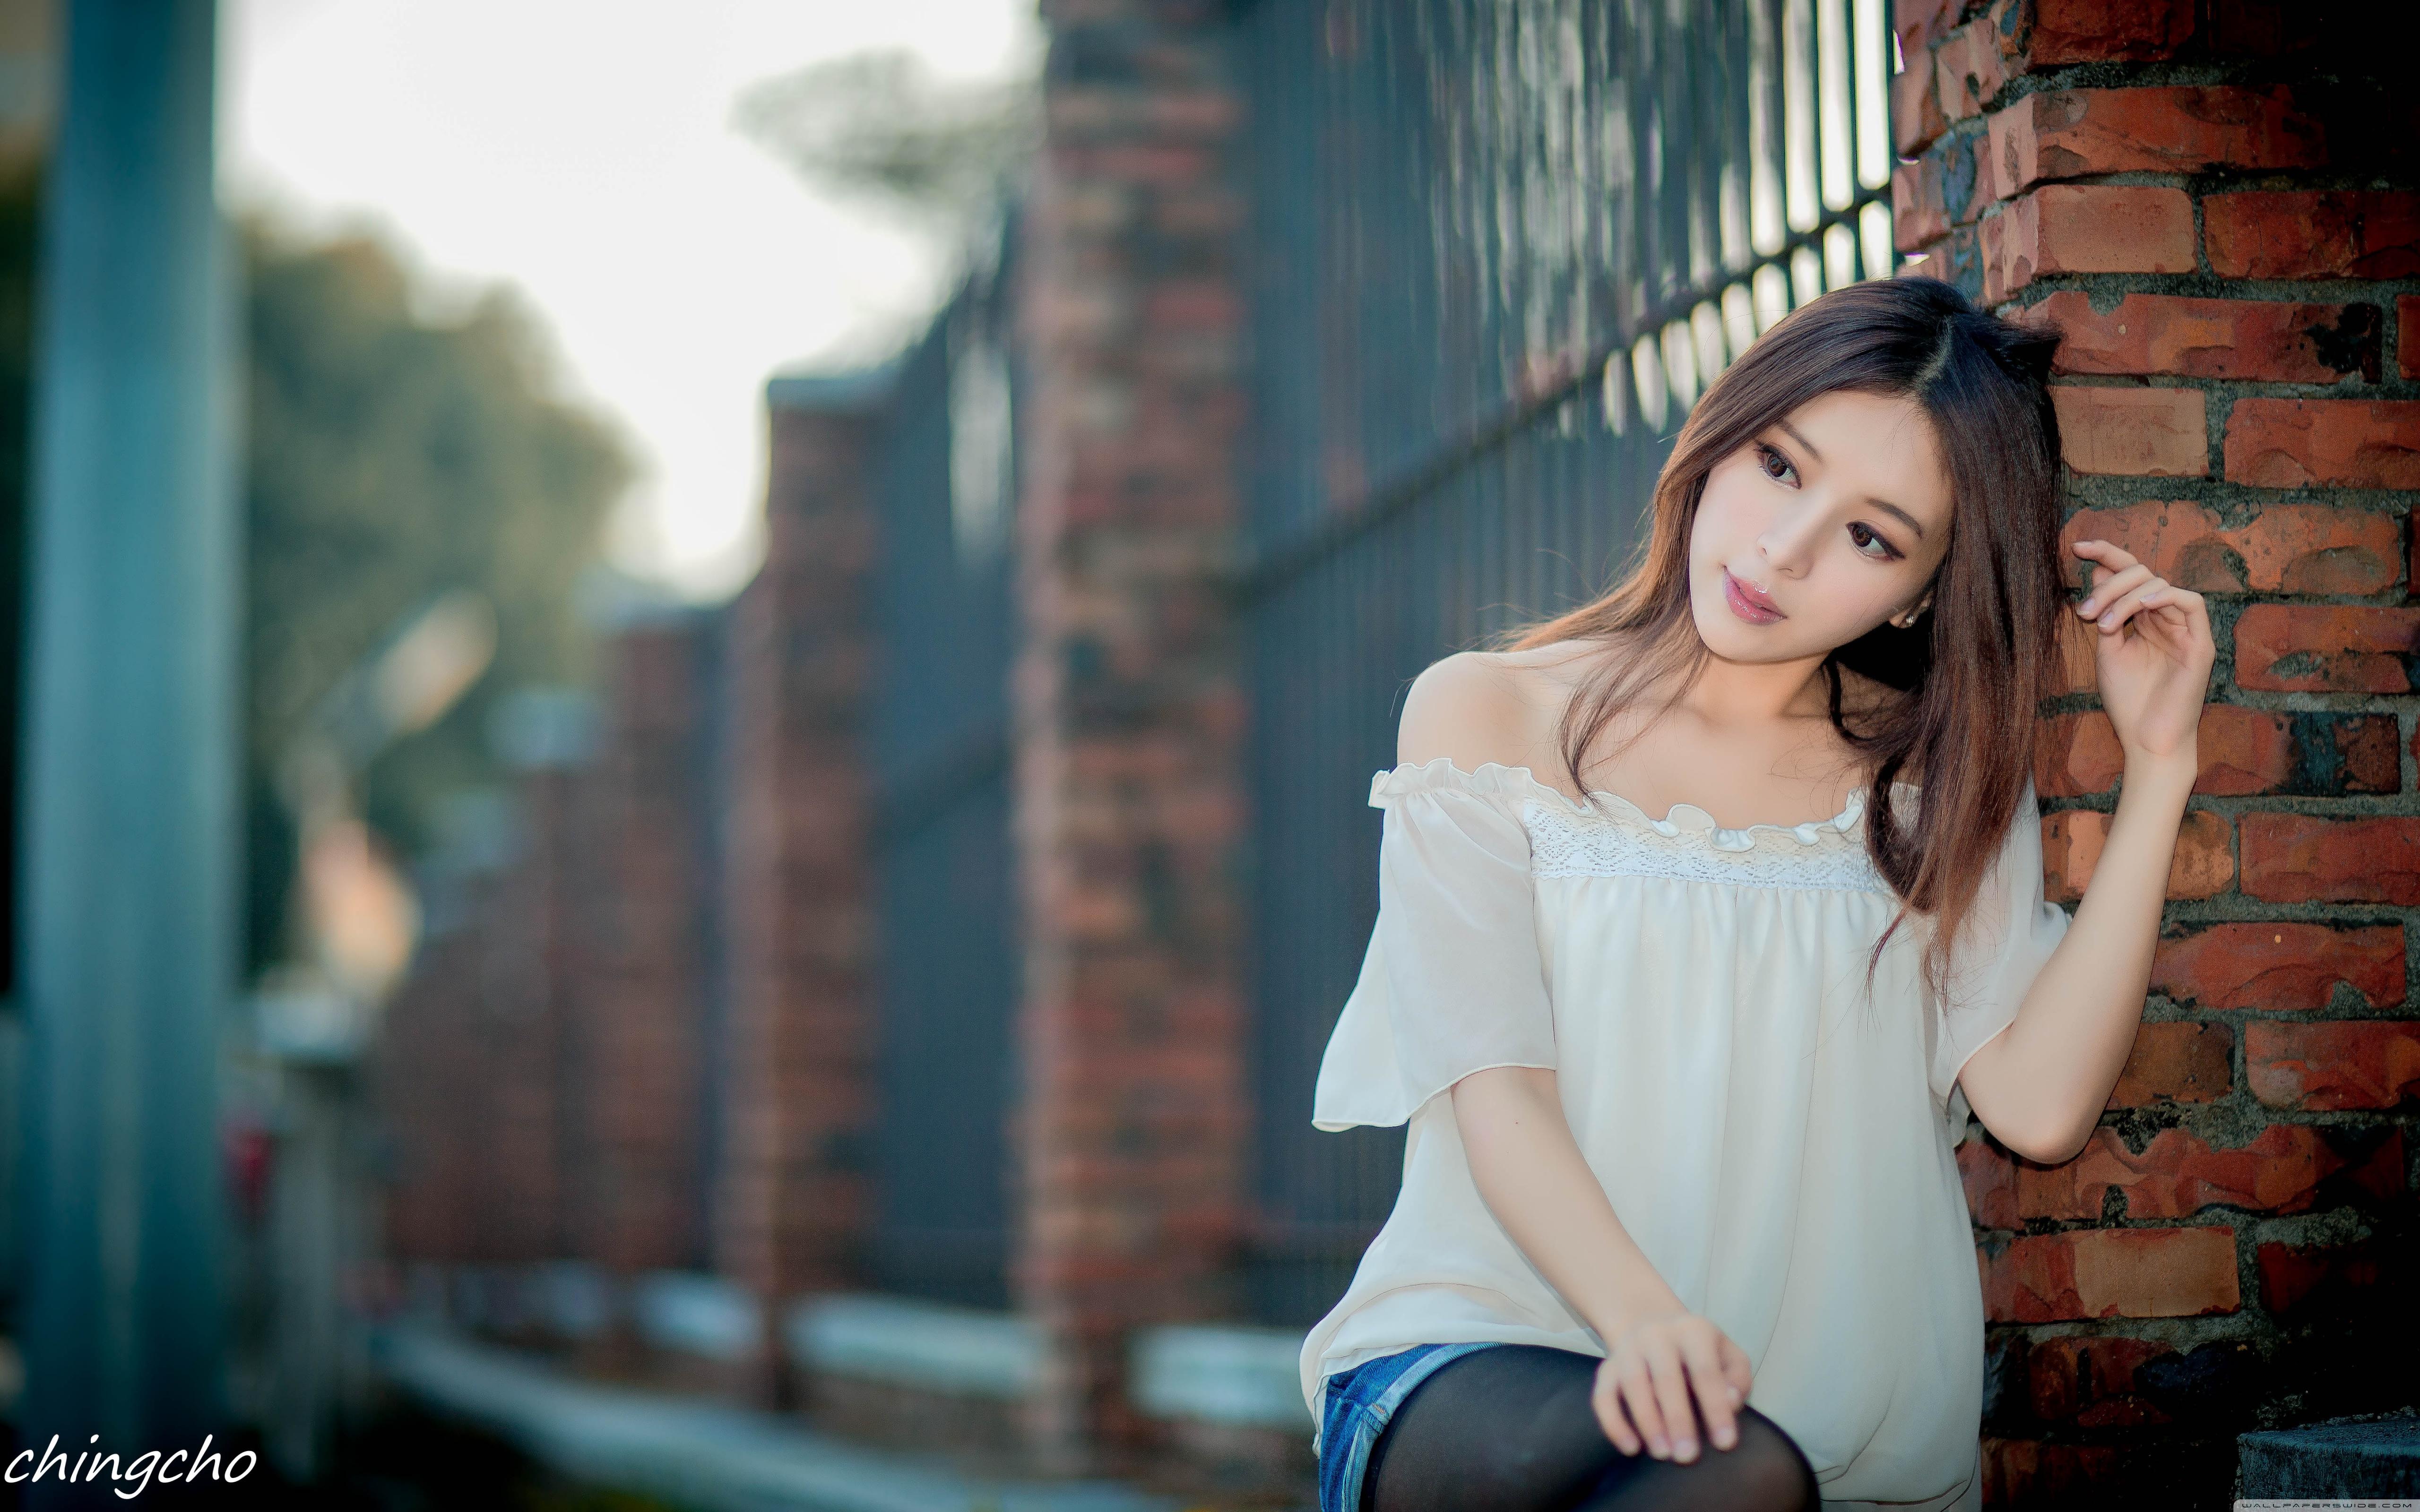 Download Free WallpaperBeautiful Asian Girl